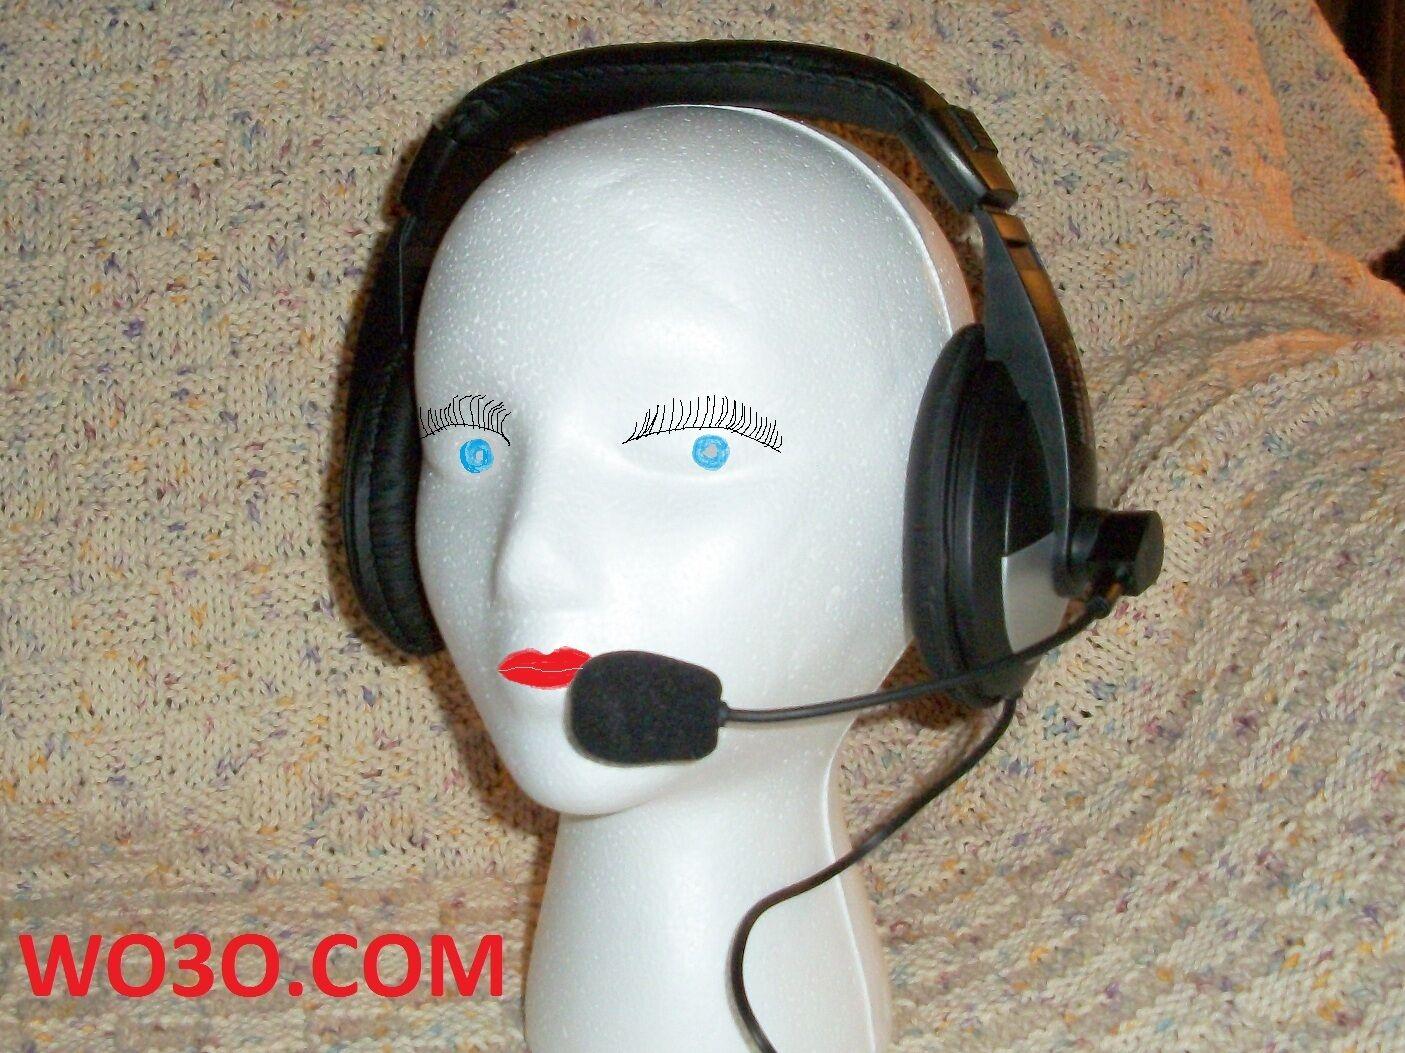 Headset Mic For Icom Ic 706 Ic 706 Mk2 Ic 706 Mk2g Ic 7000